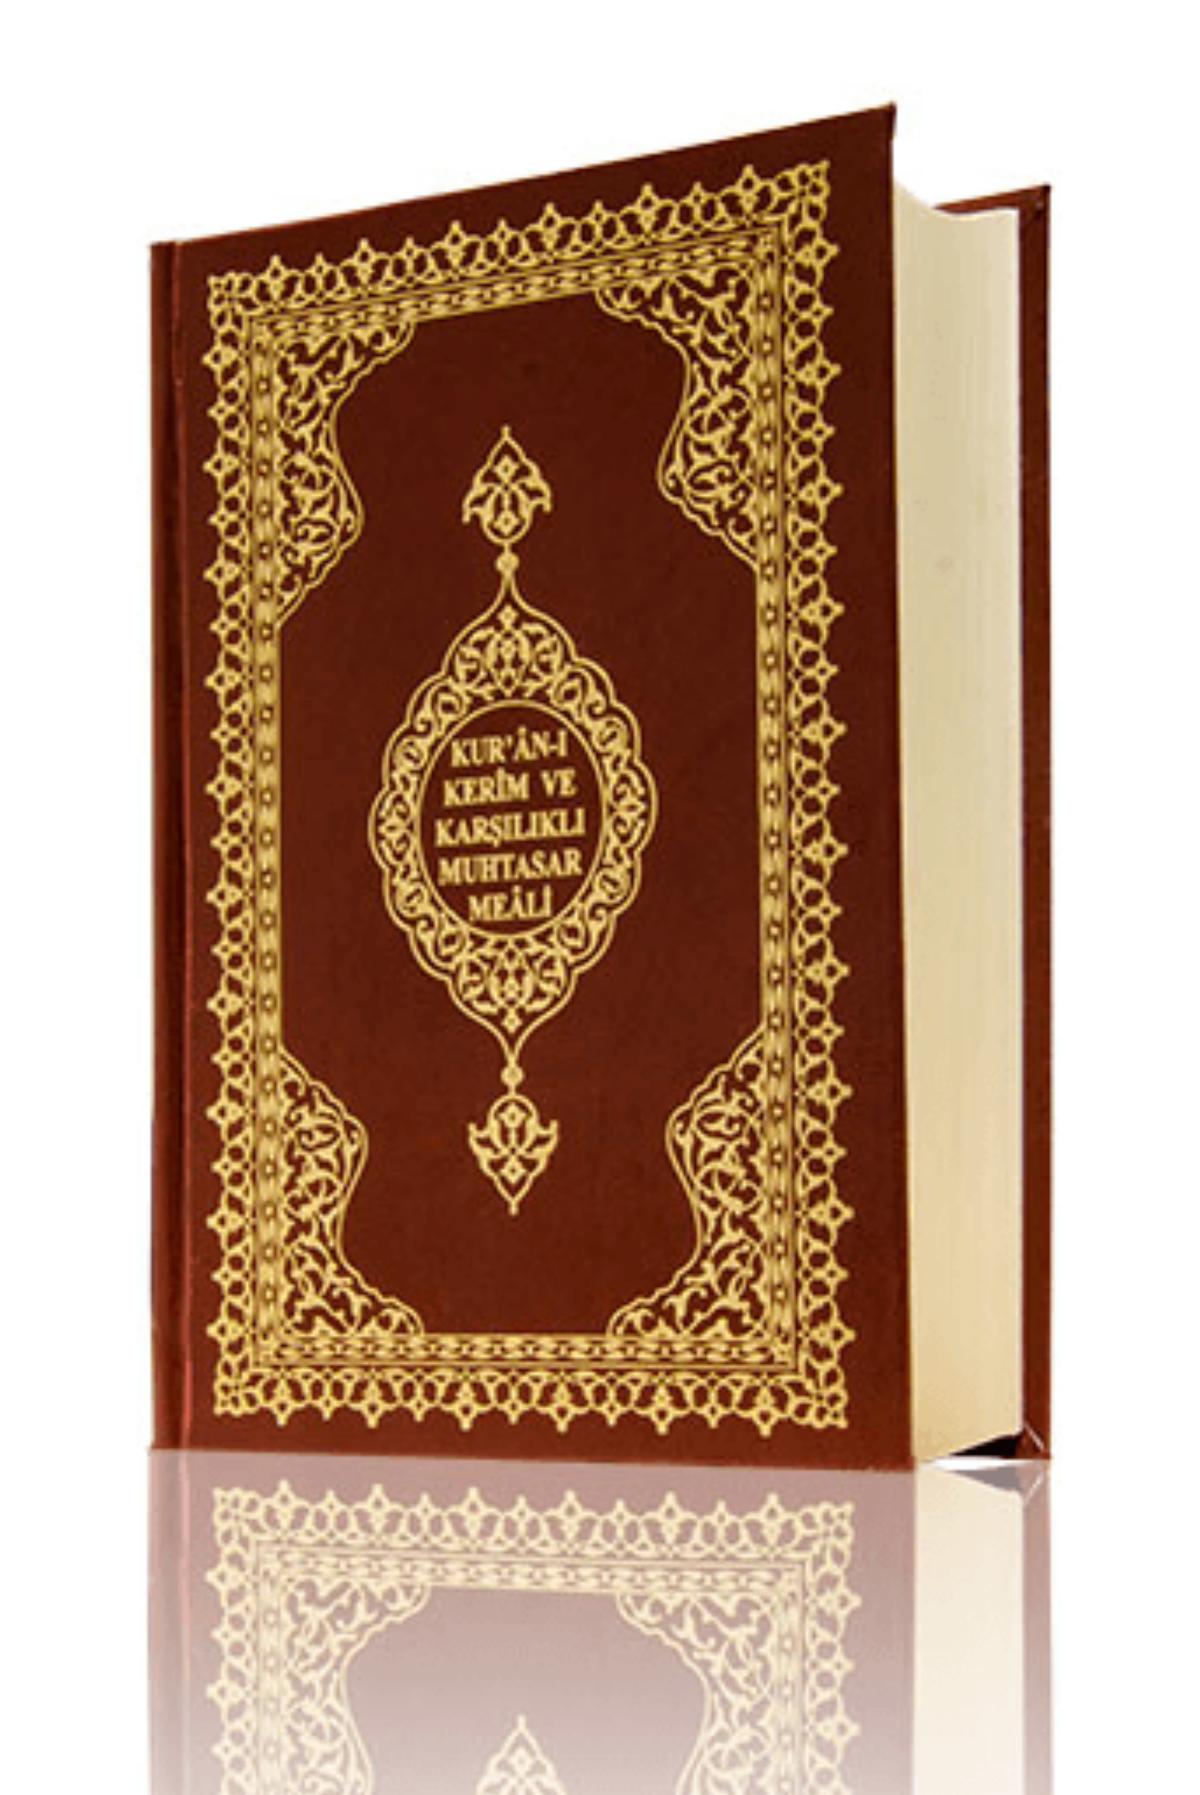 Kuranı Kerim - Arapça ve Karşılıklı Meal - Mealli Kuran - Bilgisayar Hatlı - Hafız Boy